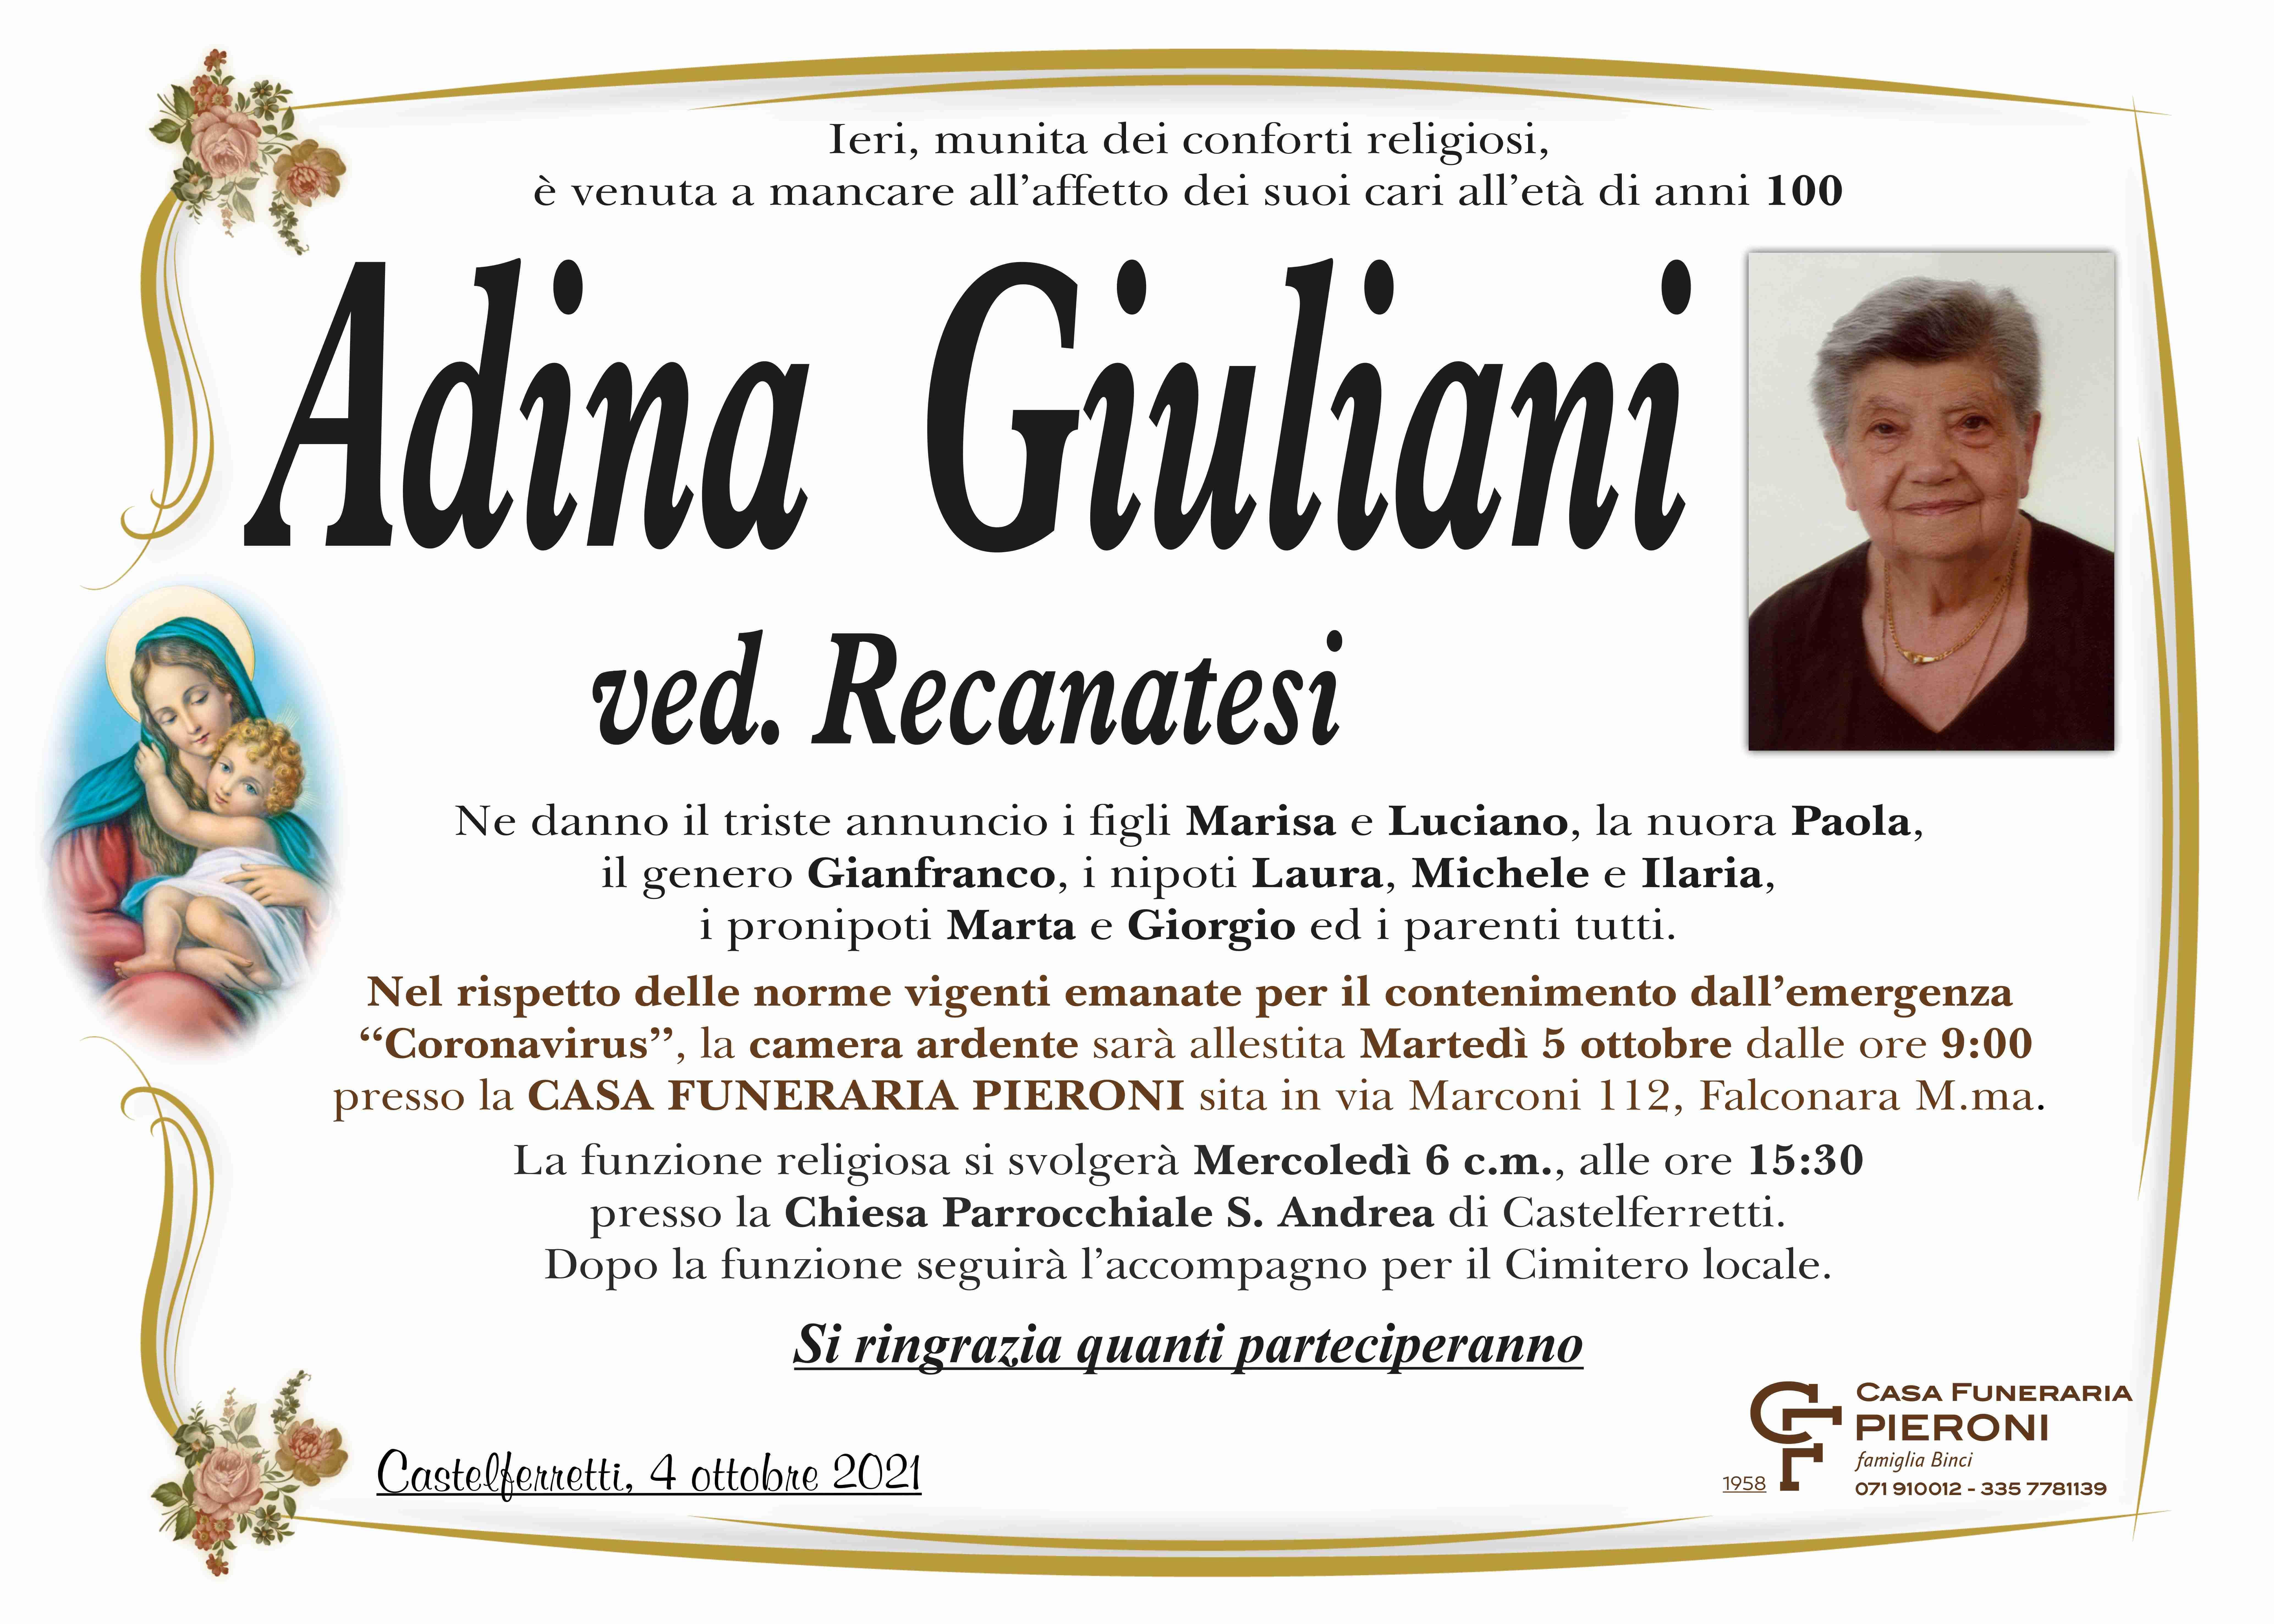 Adina Giuliani